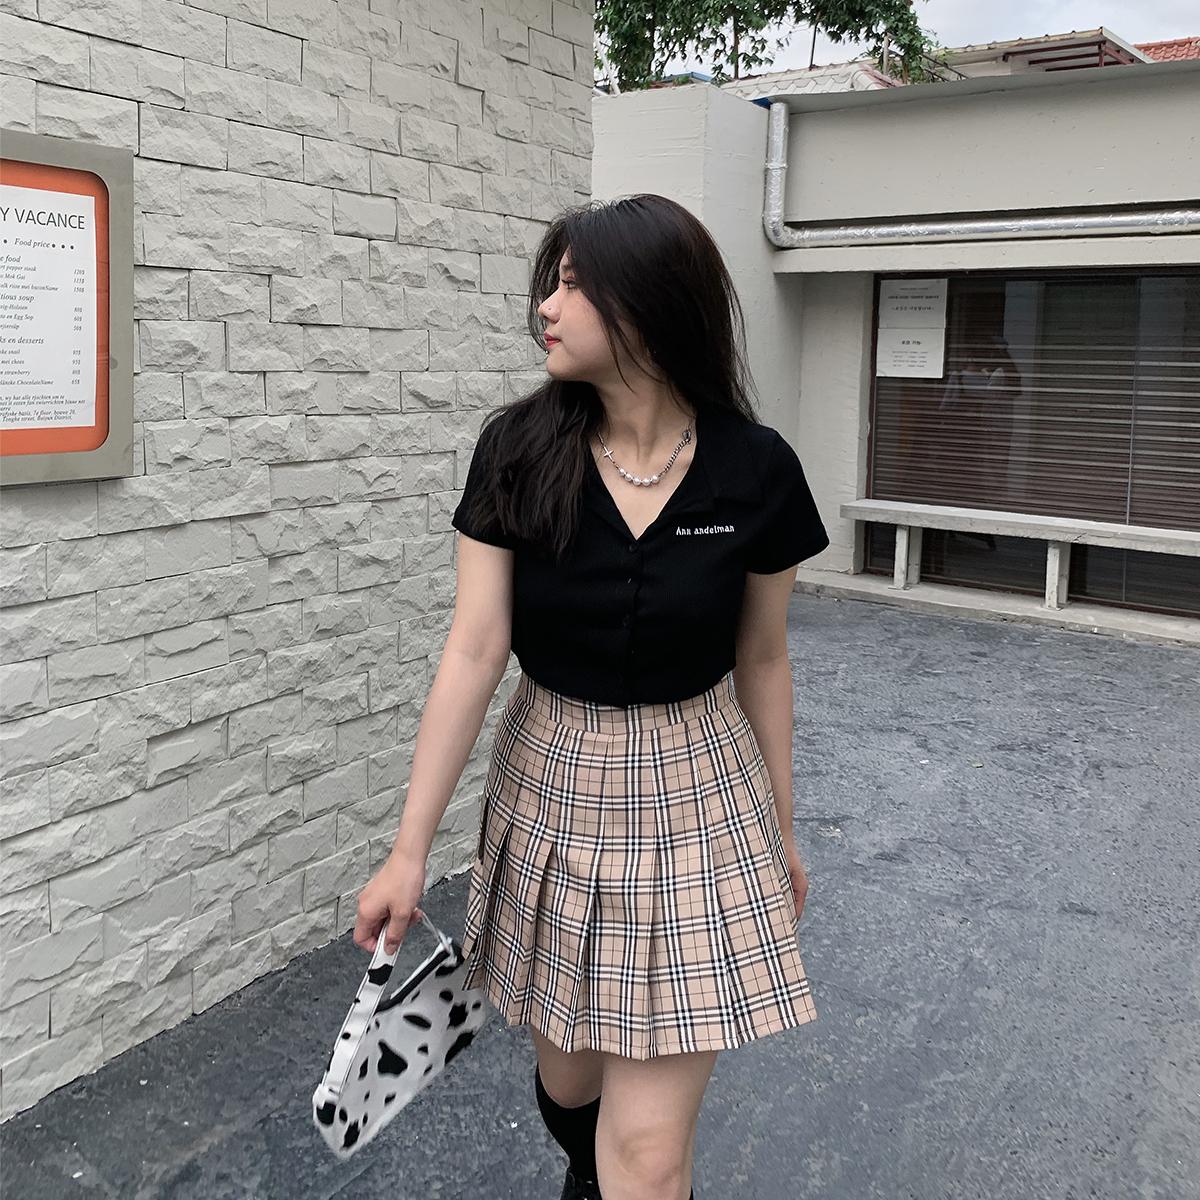 安妮不火 短袖t恤女2021新款夏季微胖显瘦打底衫性感紧身内搭上衣